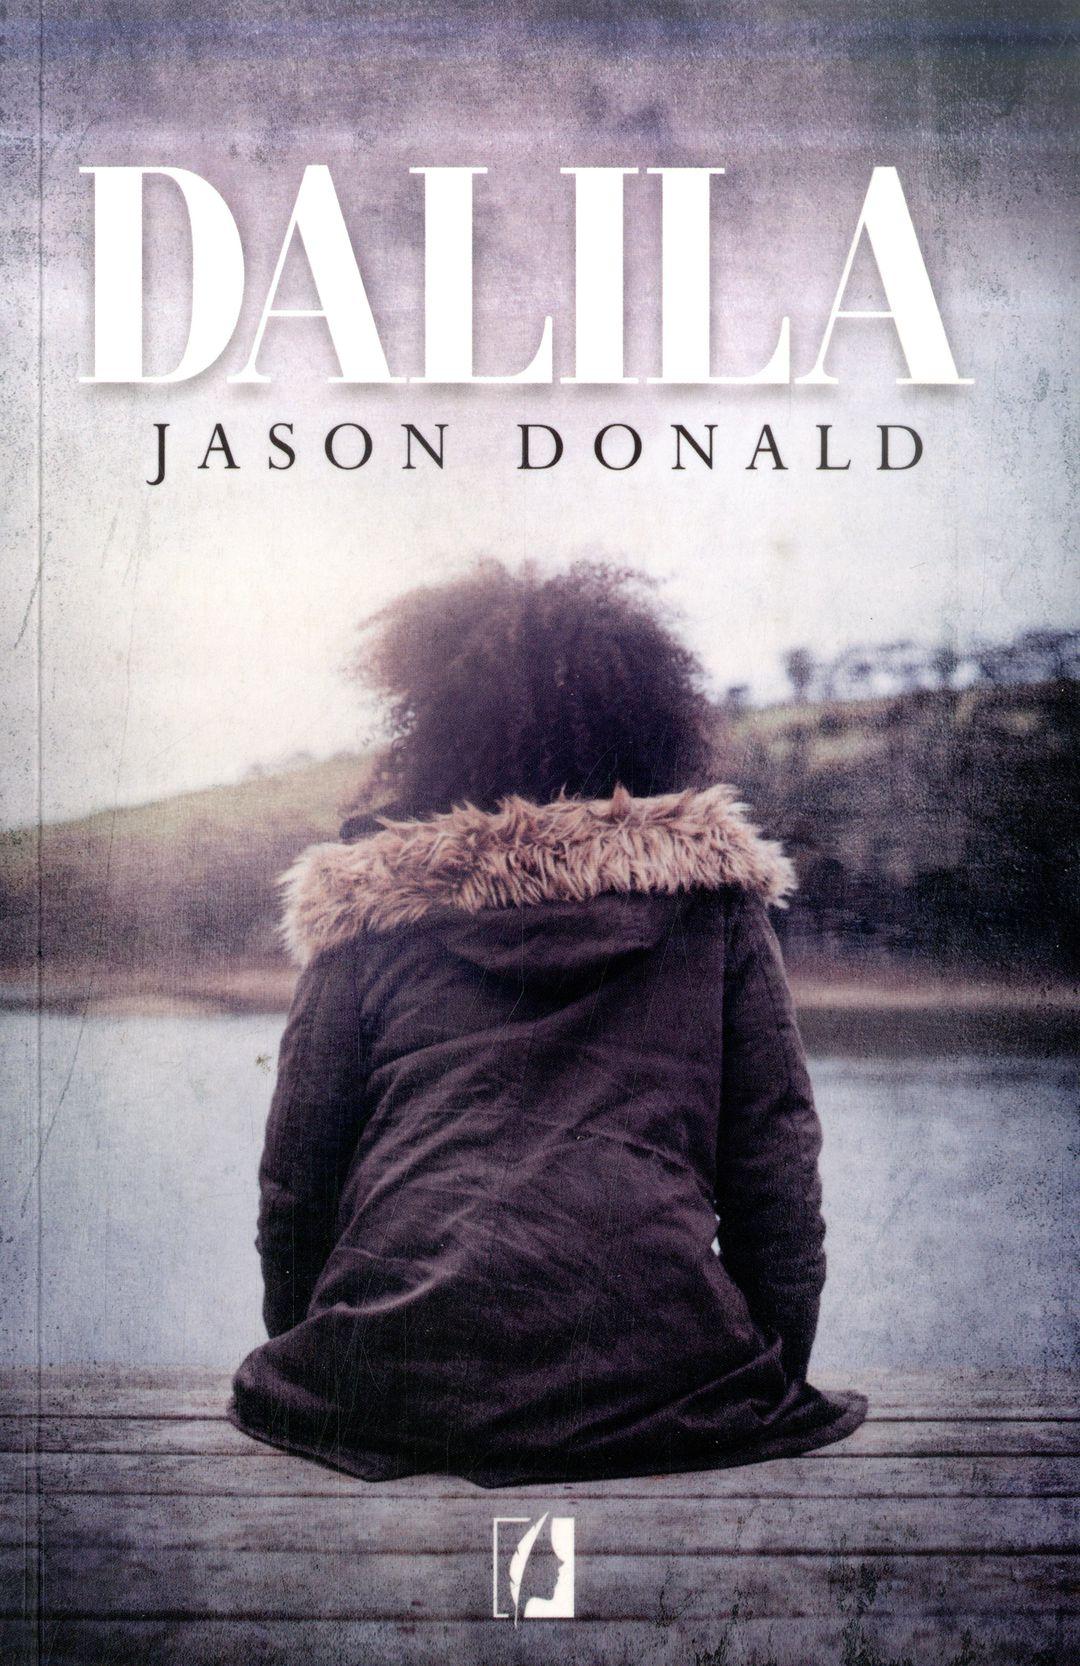 Donald Jason – Dalila